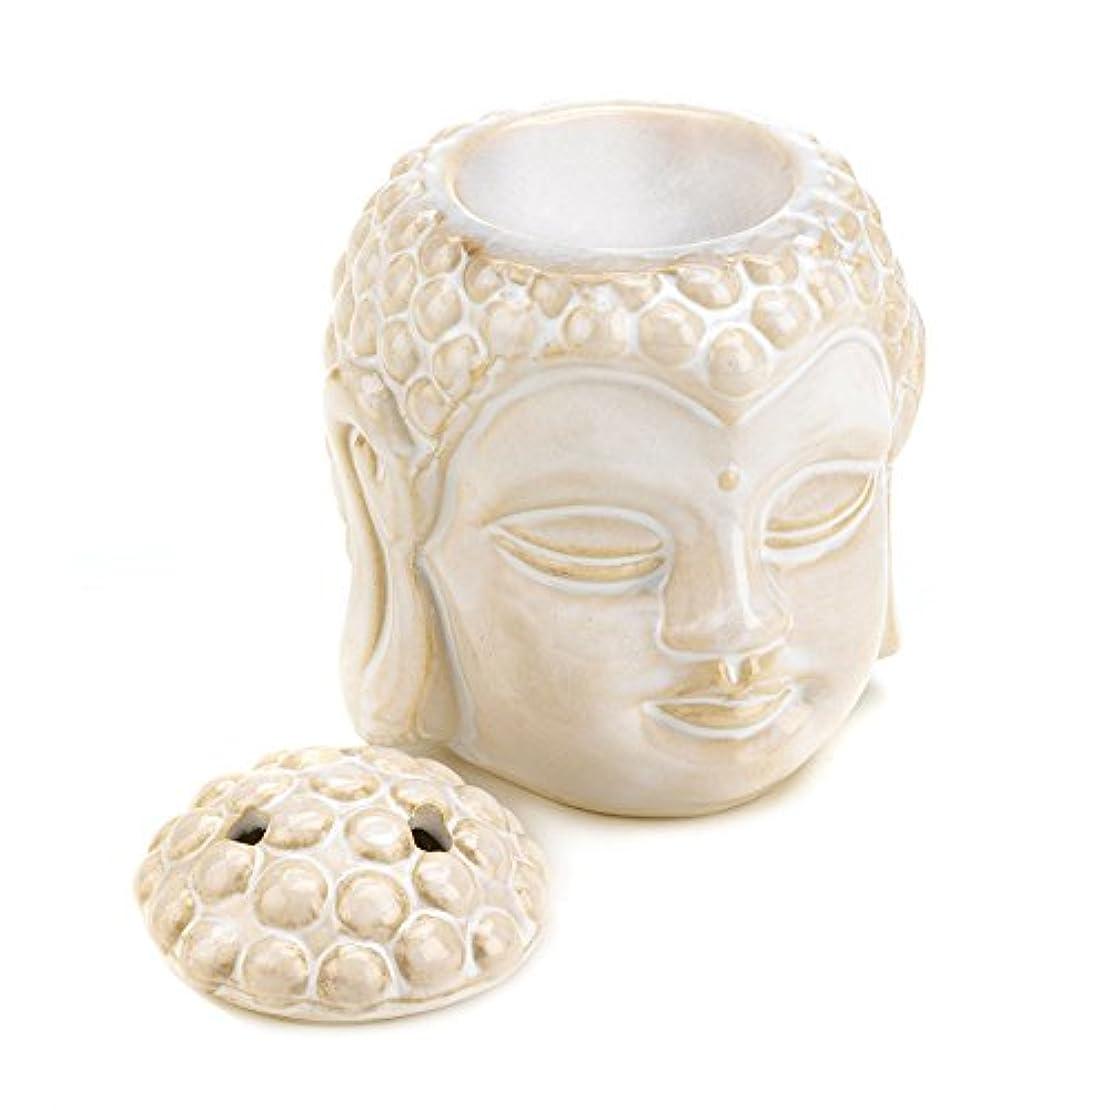 遠近法アダルト海嶺1 X Peaceful Buddha Oil Warmer by Unknown